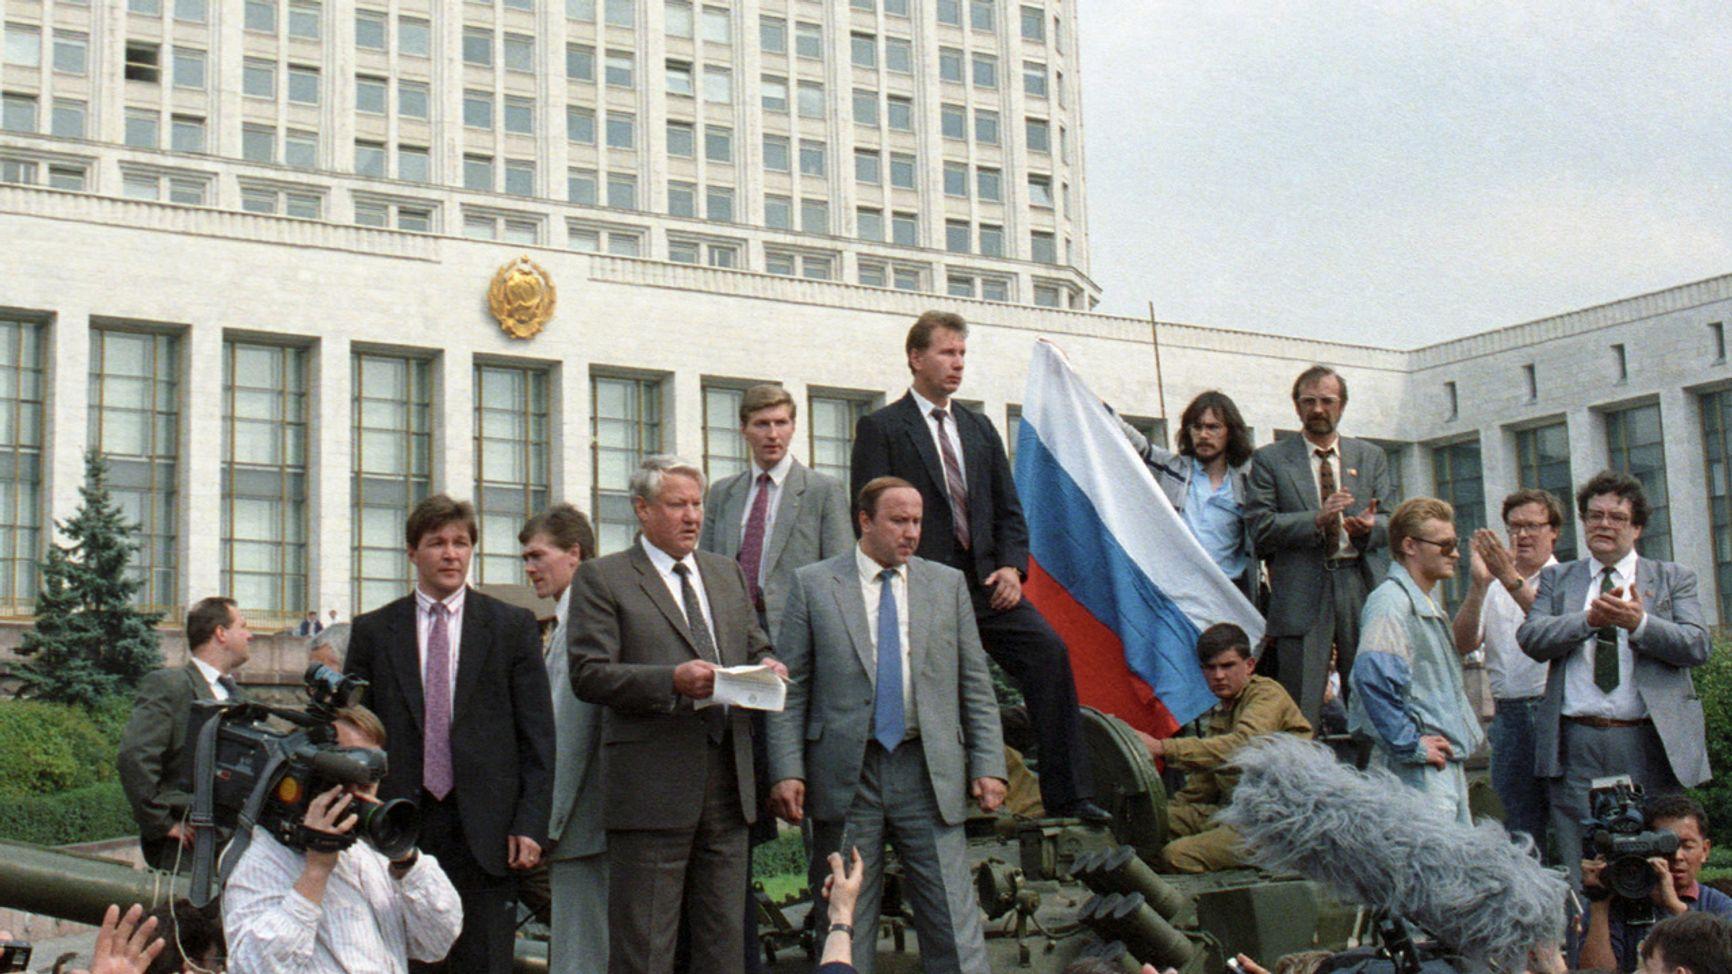 Борис Ельцин у Белого Дома. Справа - Александр Коржаков. Над Коржаковым - Виктор Золотов, ныне - глава Росгвардии